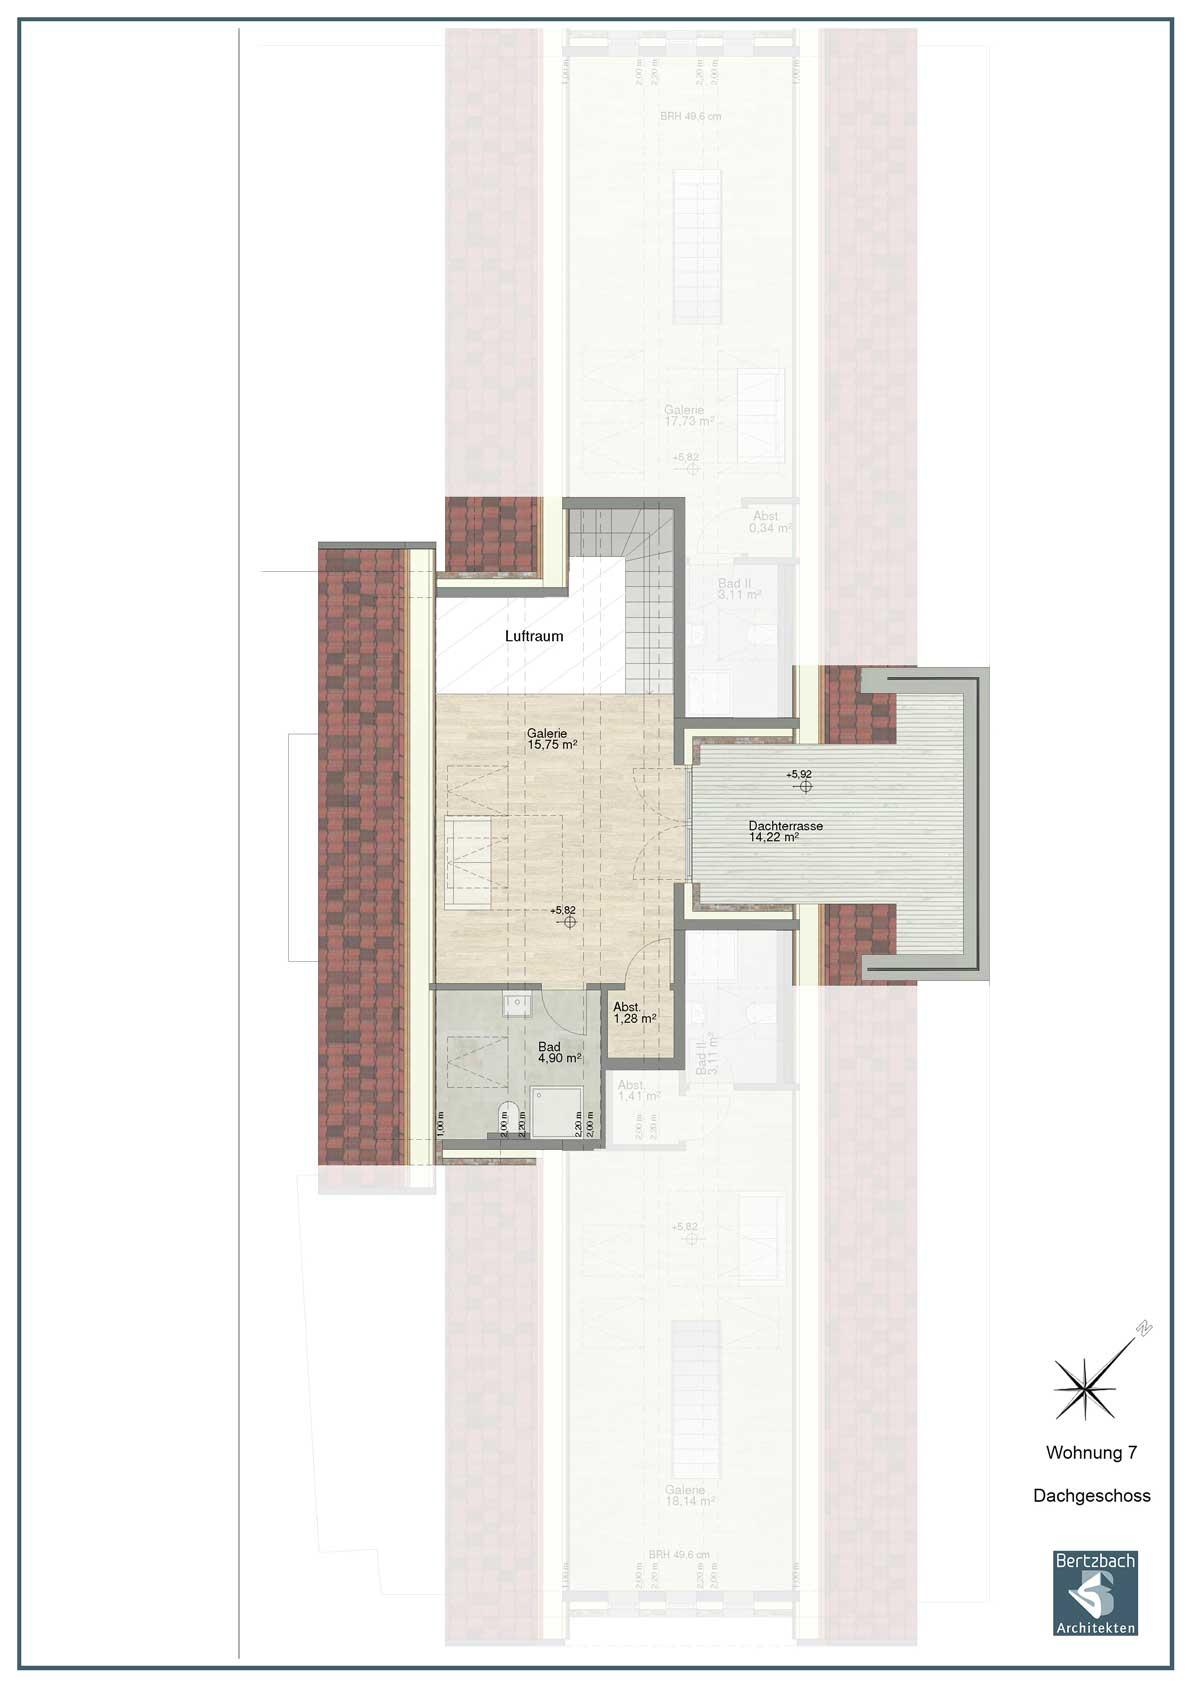 Wohnung 7 Galerie